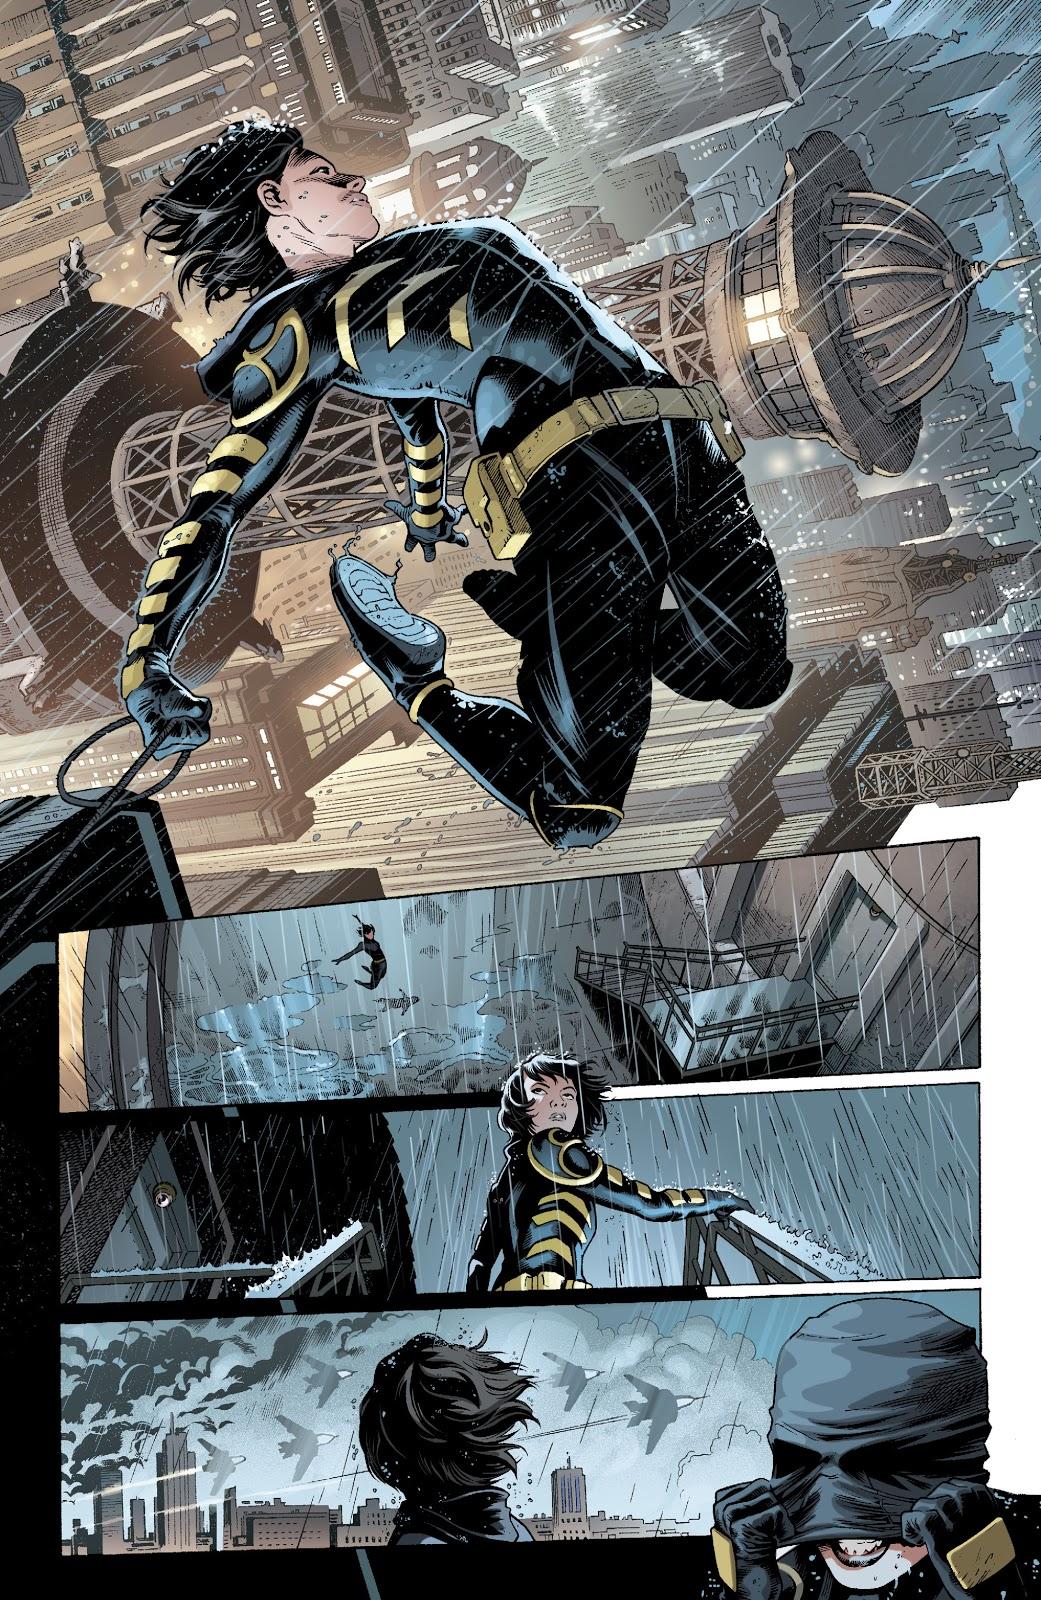 """Résultat de recherche d'images pour """"Cassandra cain dc comics"""""""